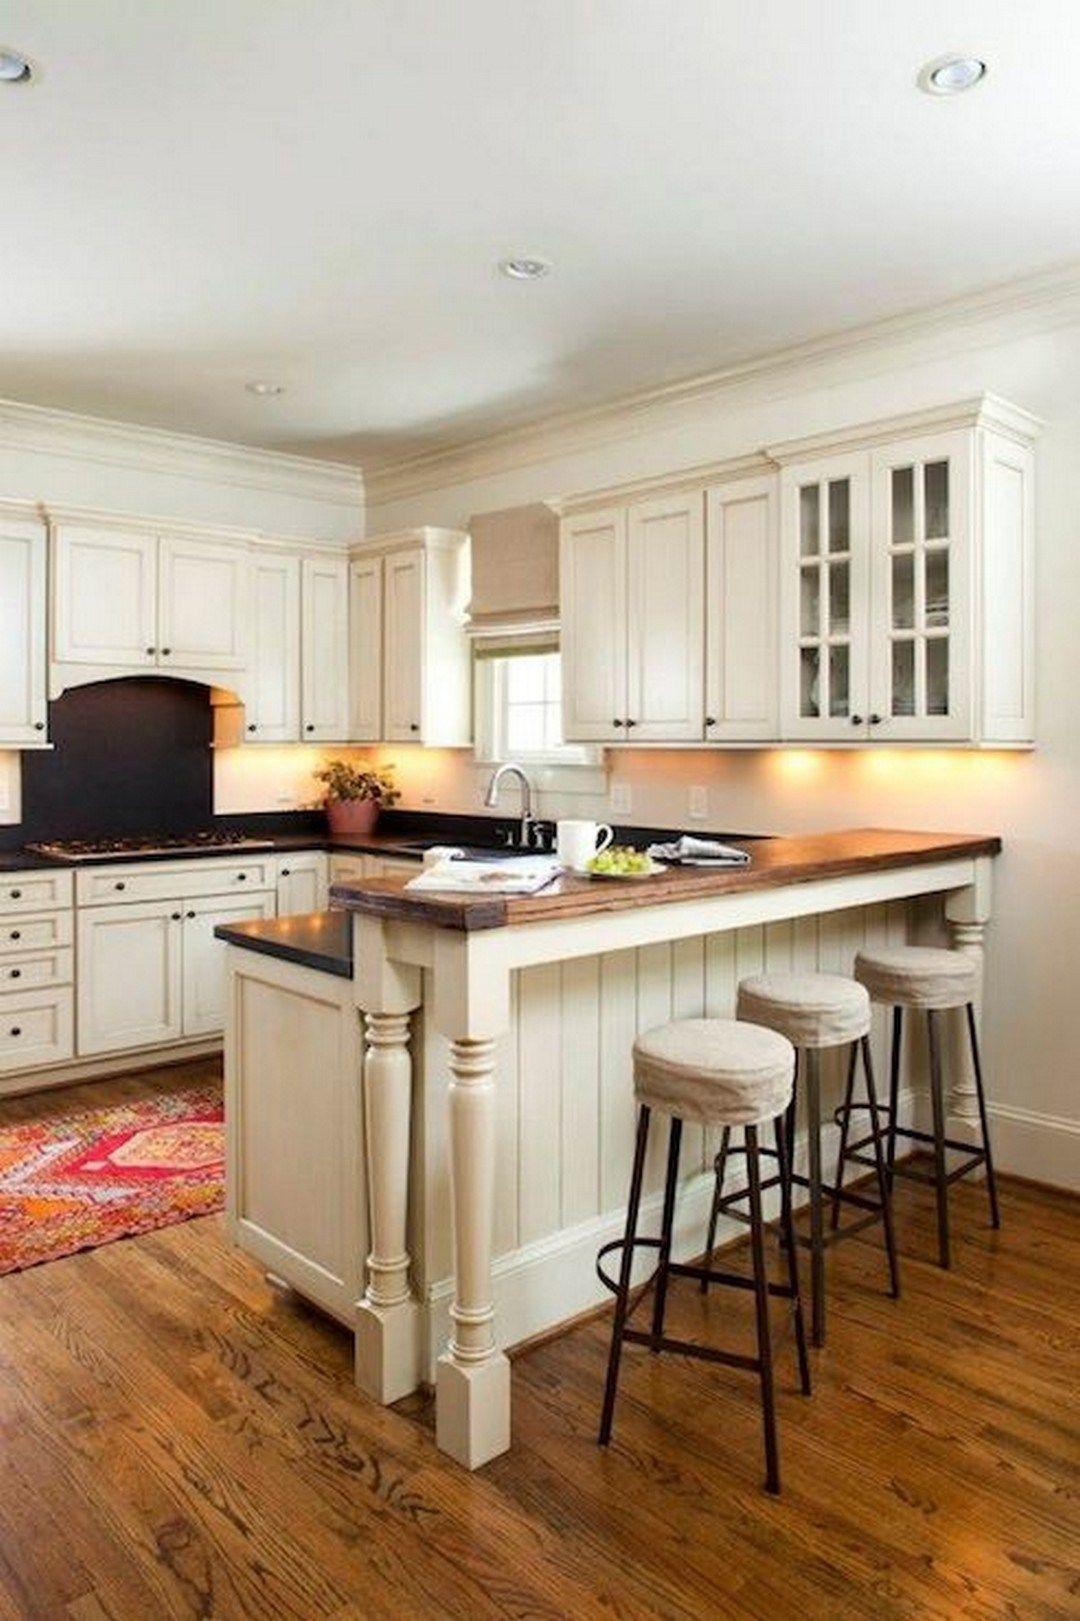 Remodeling U Shaped Kitchen Design (15) Kitchen remodel